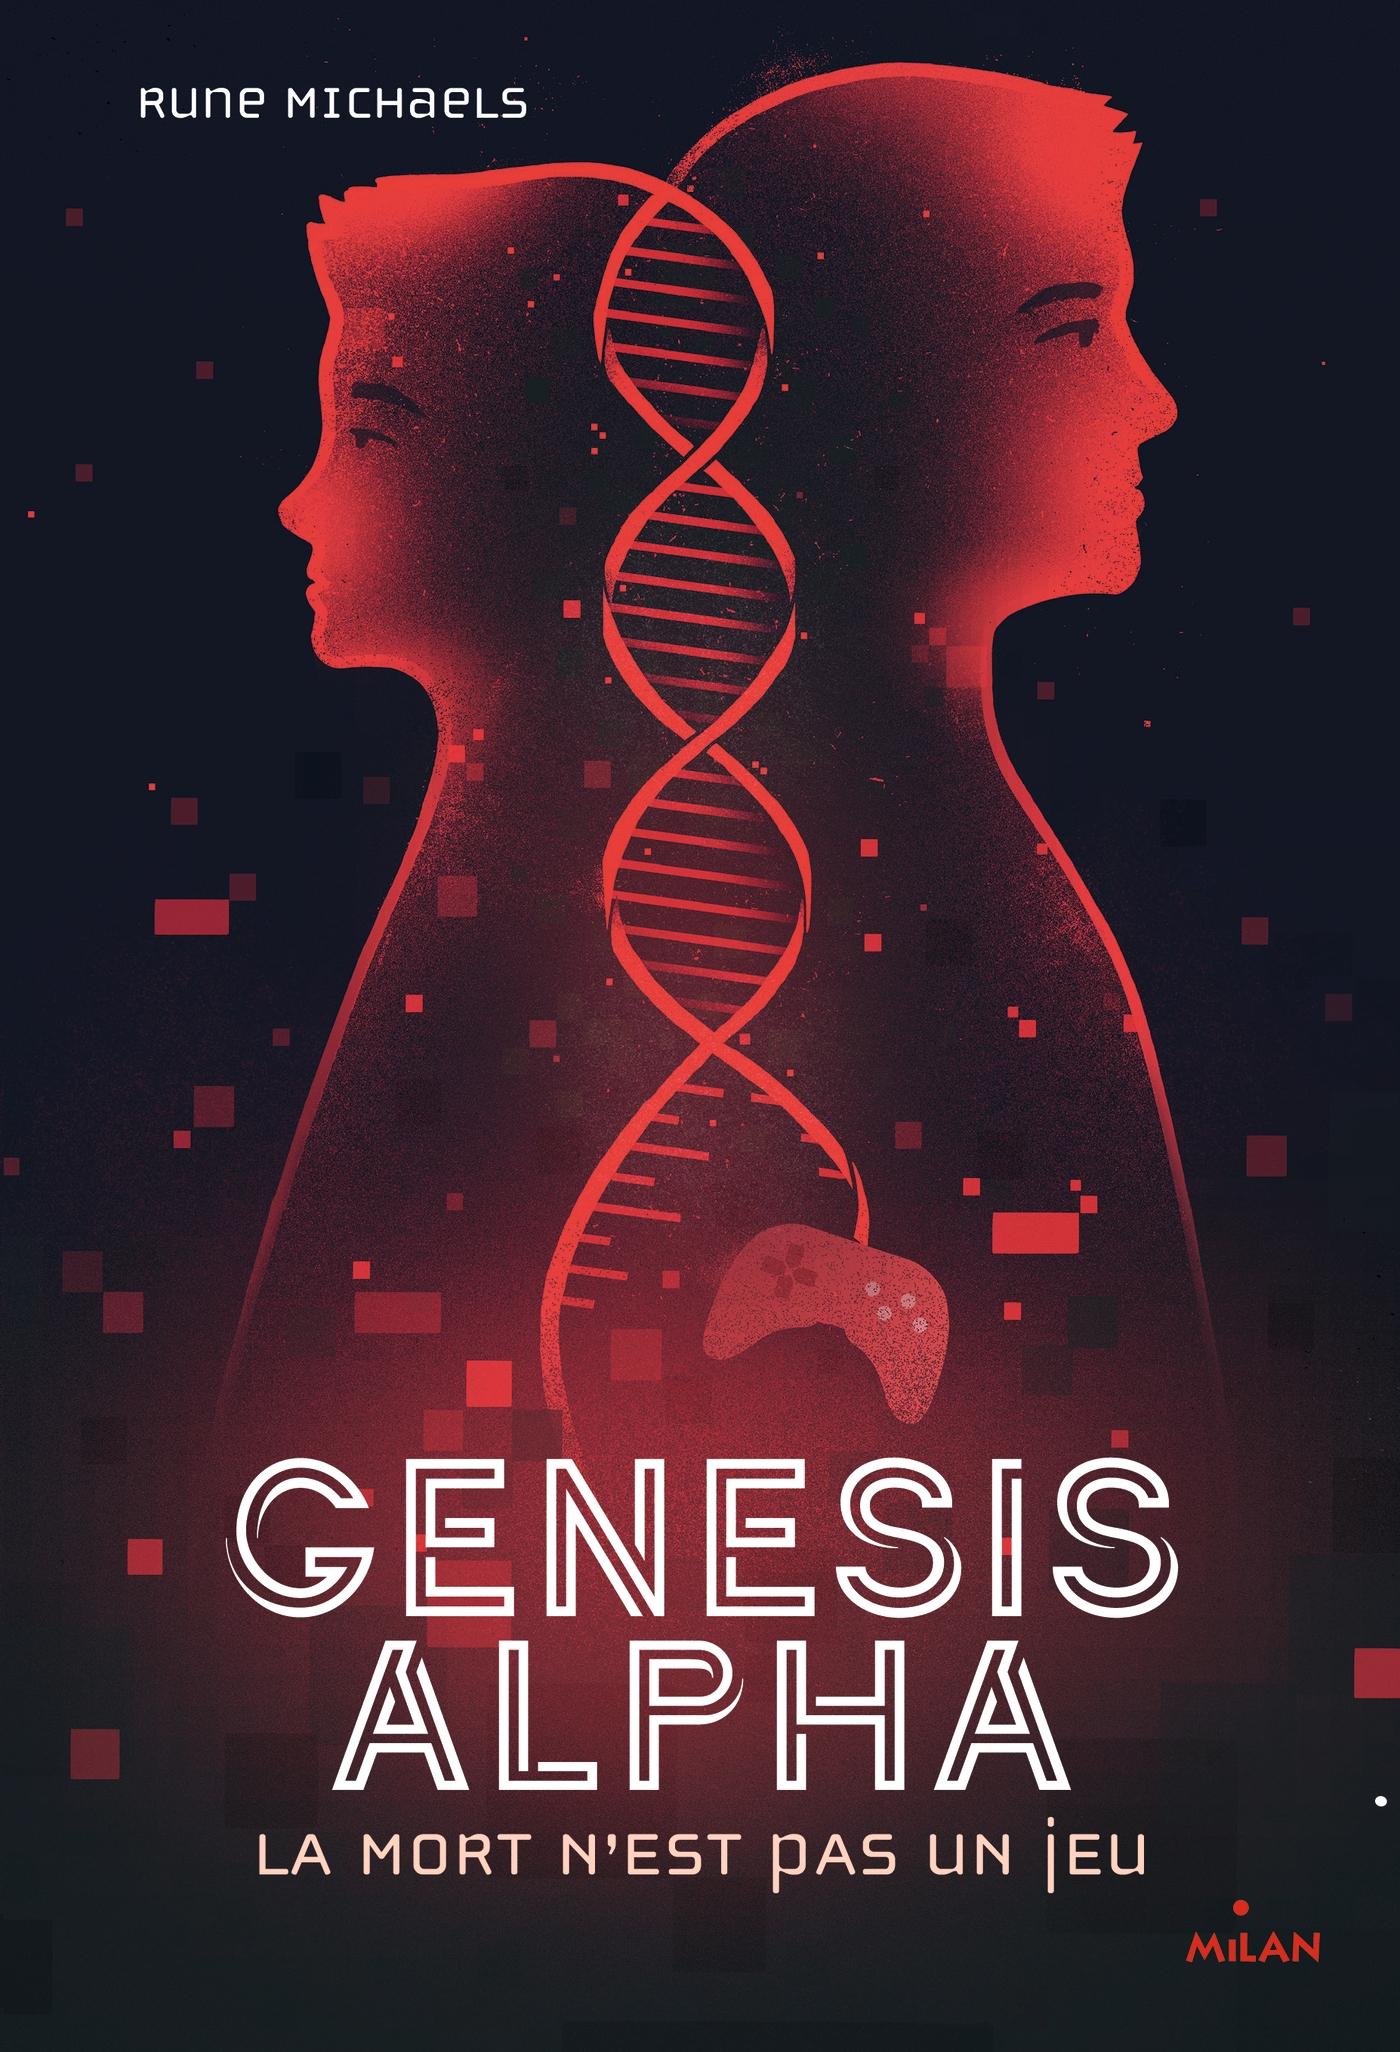 Image de l'article «Génésis Alpha de Rune Michaels»